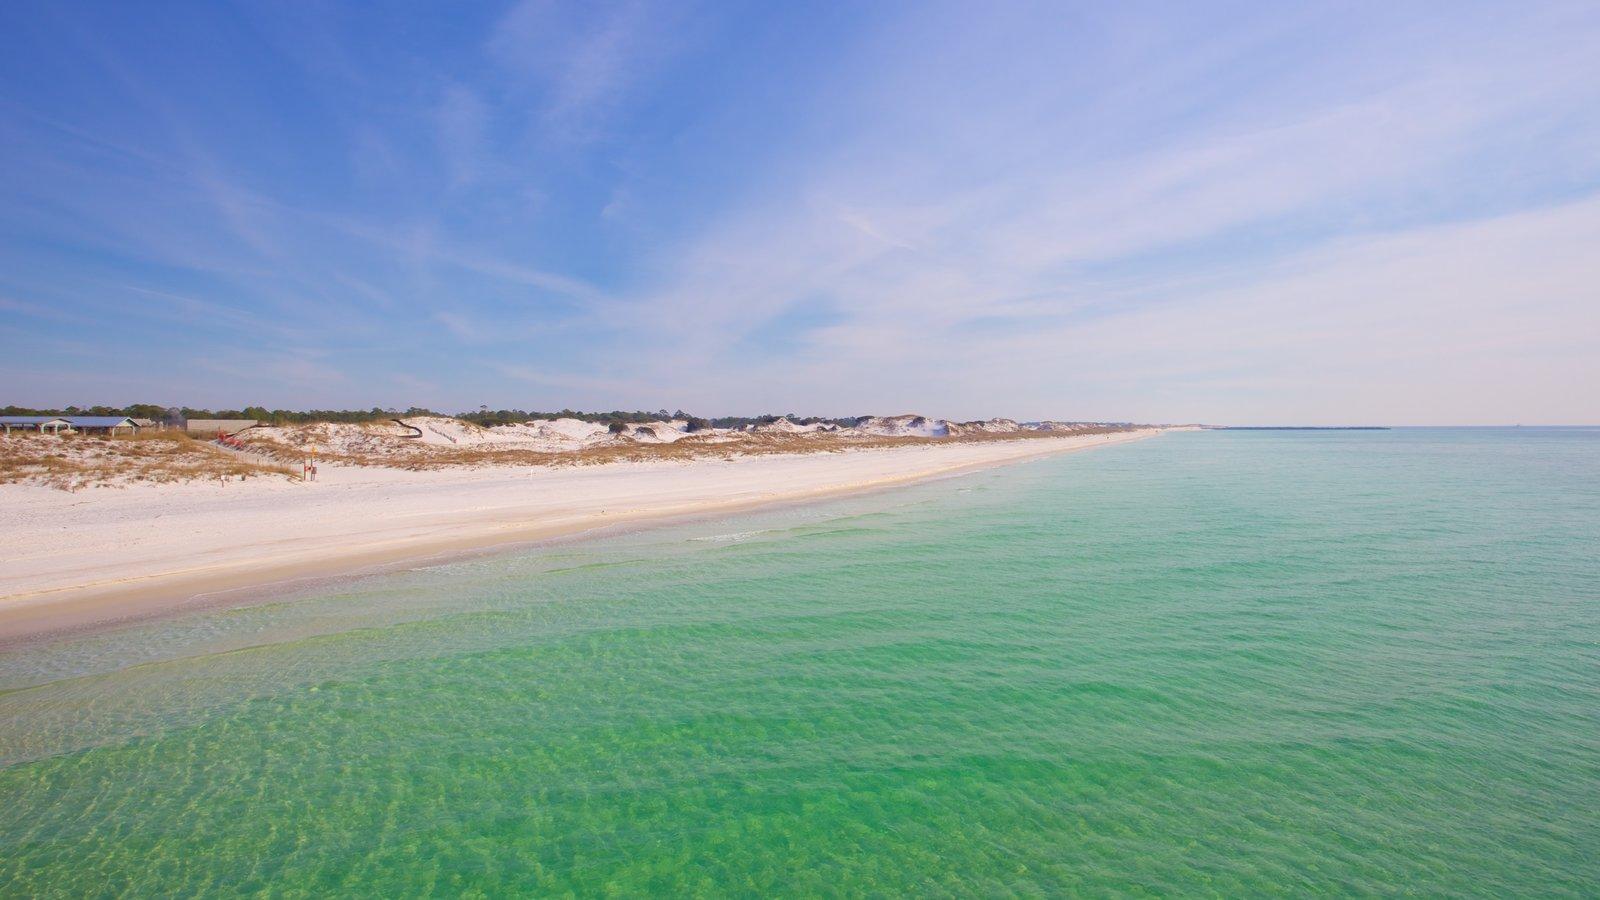 St. Andrews State Park caracterizando uma praia de areia